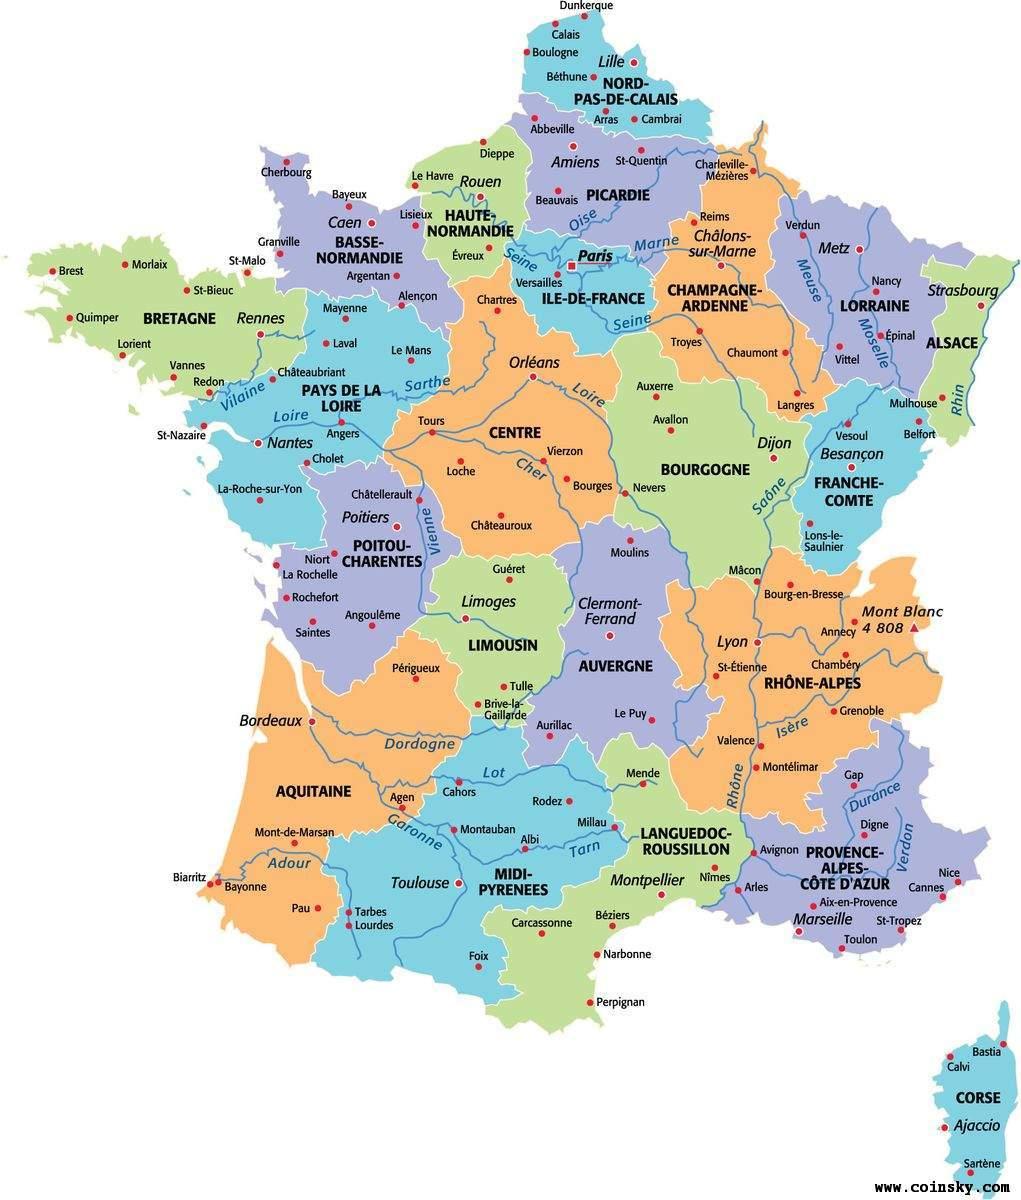 欧洲地图高清可放大_欧州地图中文版全图